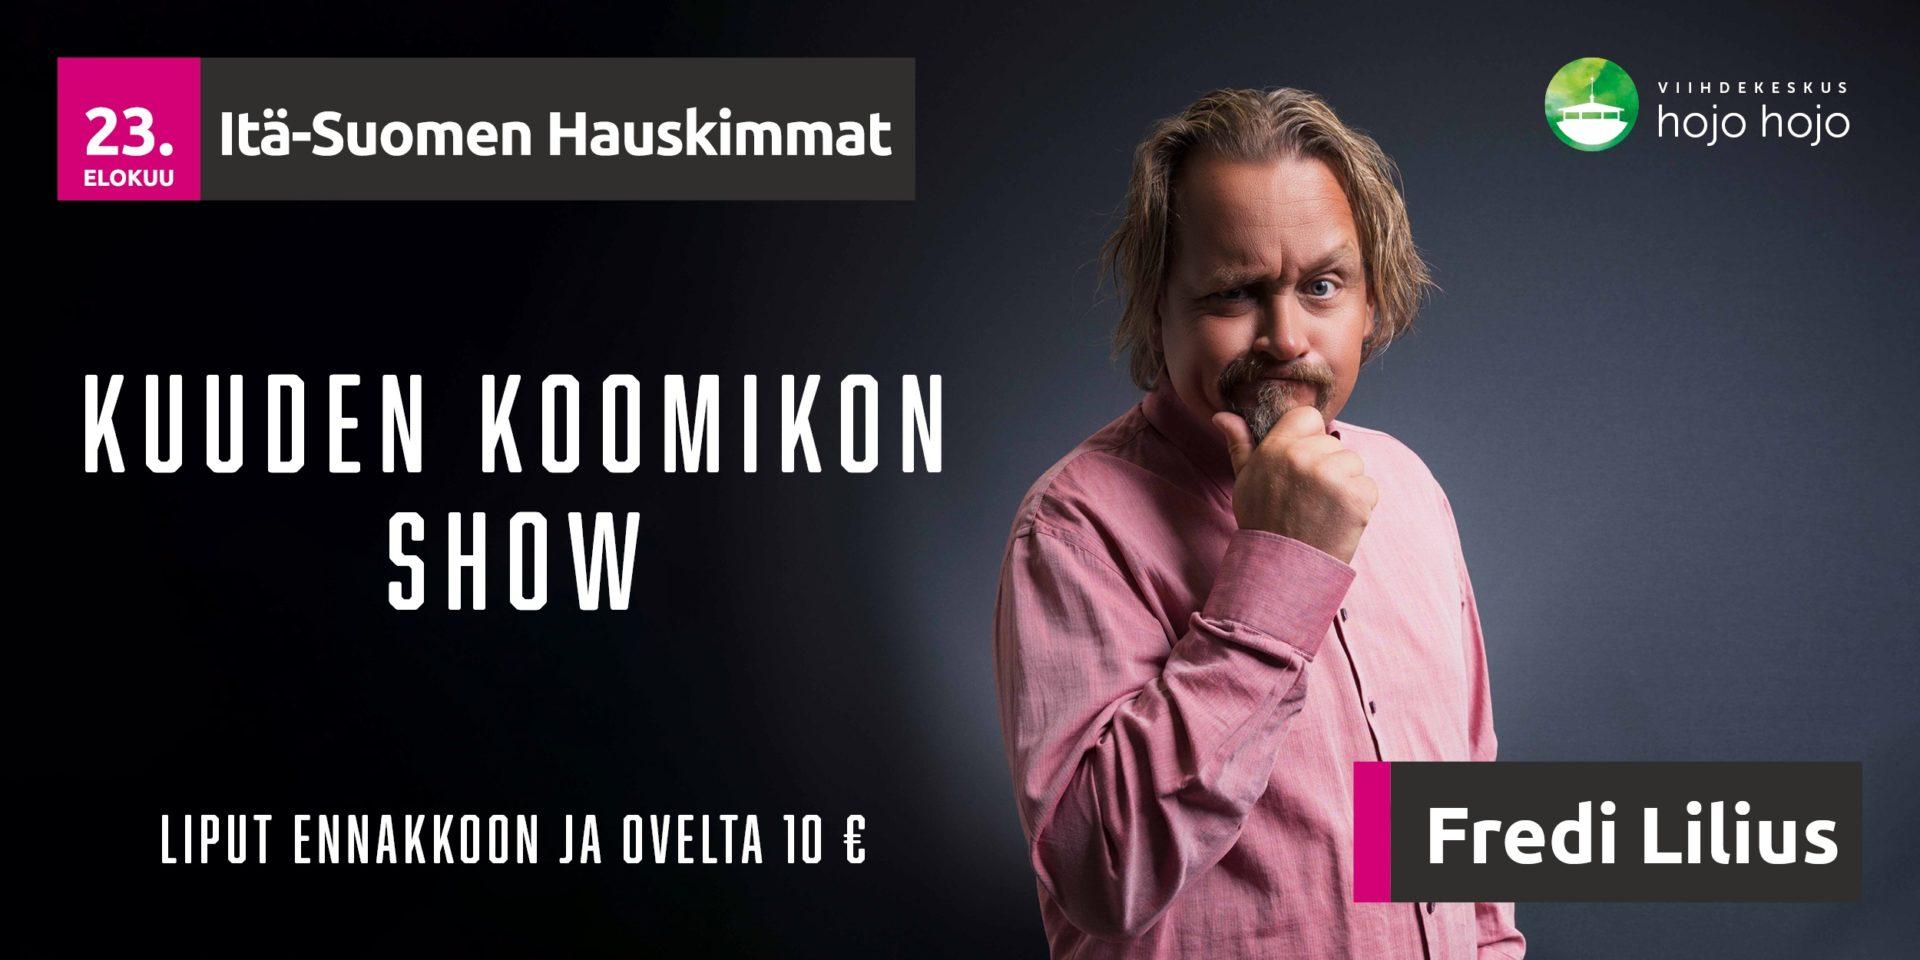 23.8. Itä-Suomen Hauskimmat — Kuuden Koomikon Show